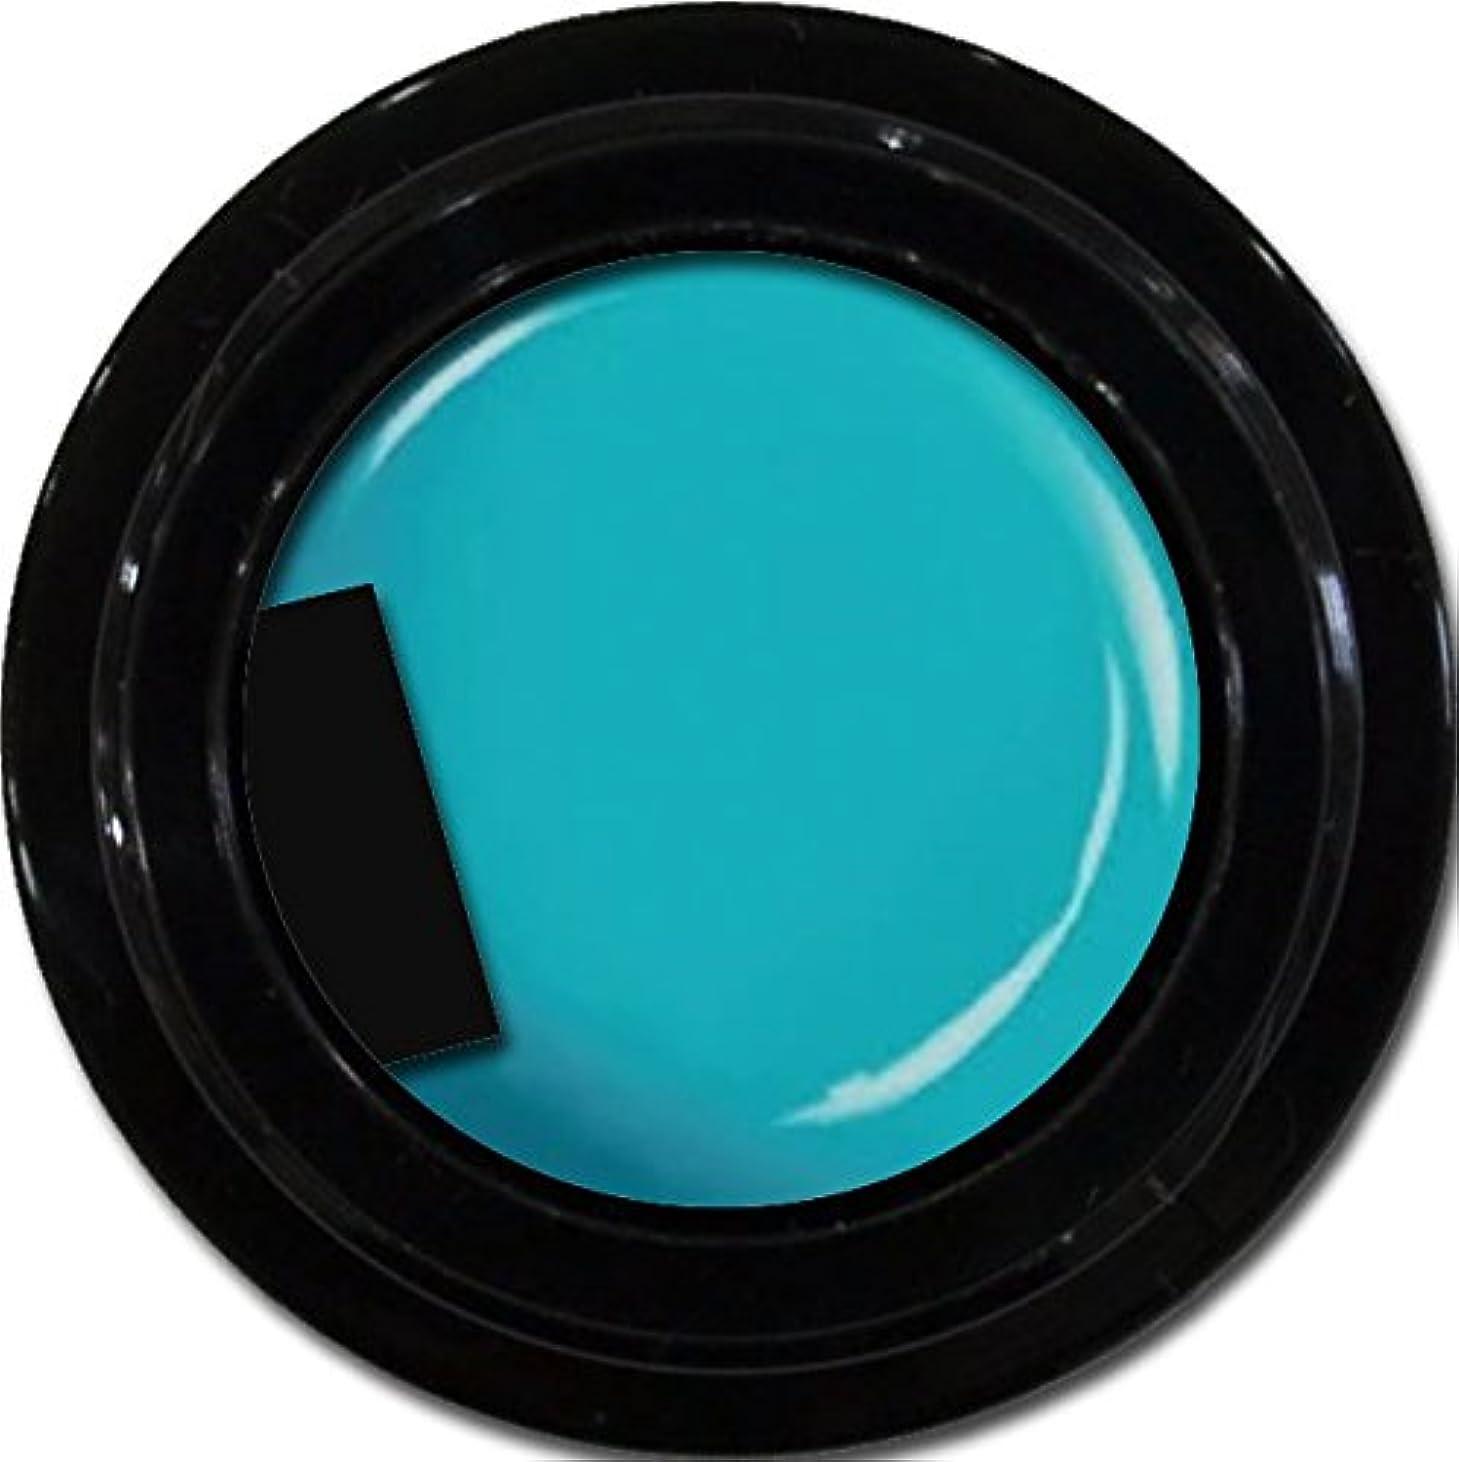 思いやりのあるミュウミュウ日付カラージェル enchant color gel M707 CanalBlue3g/ マットカラージェル M707カナールブルー 3グラム